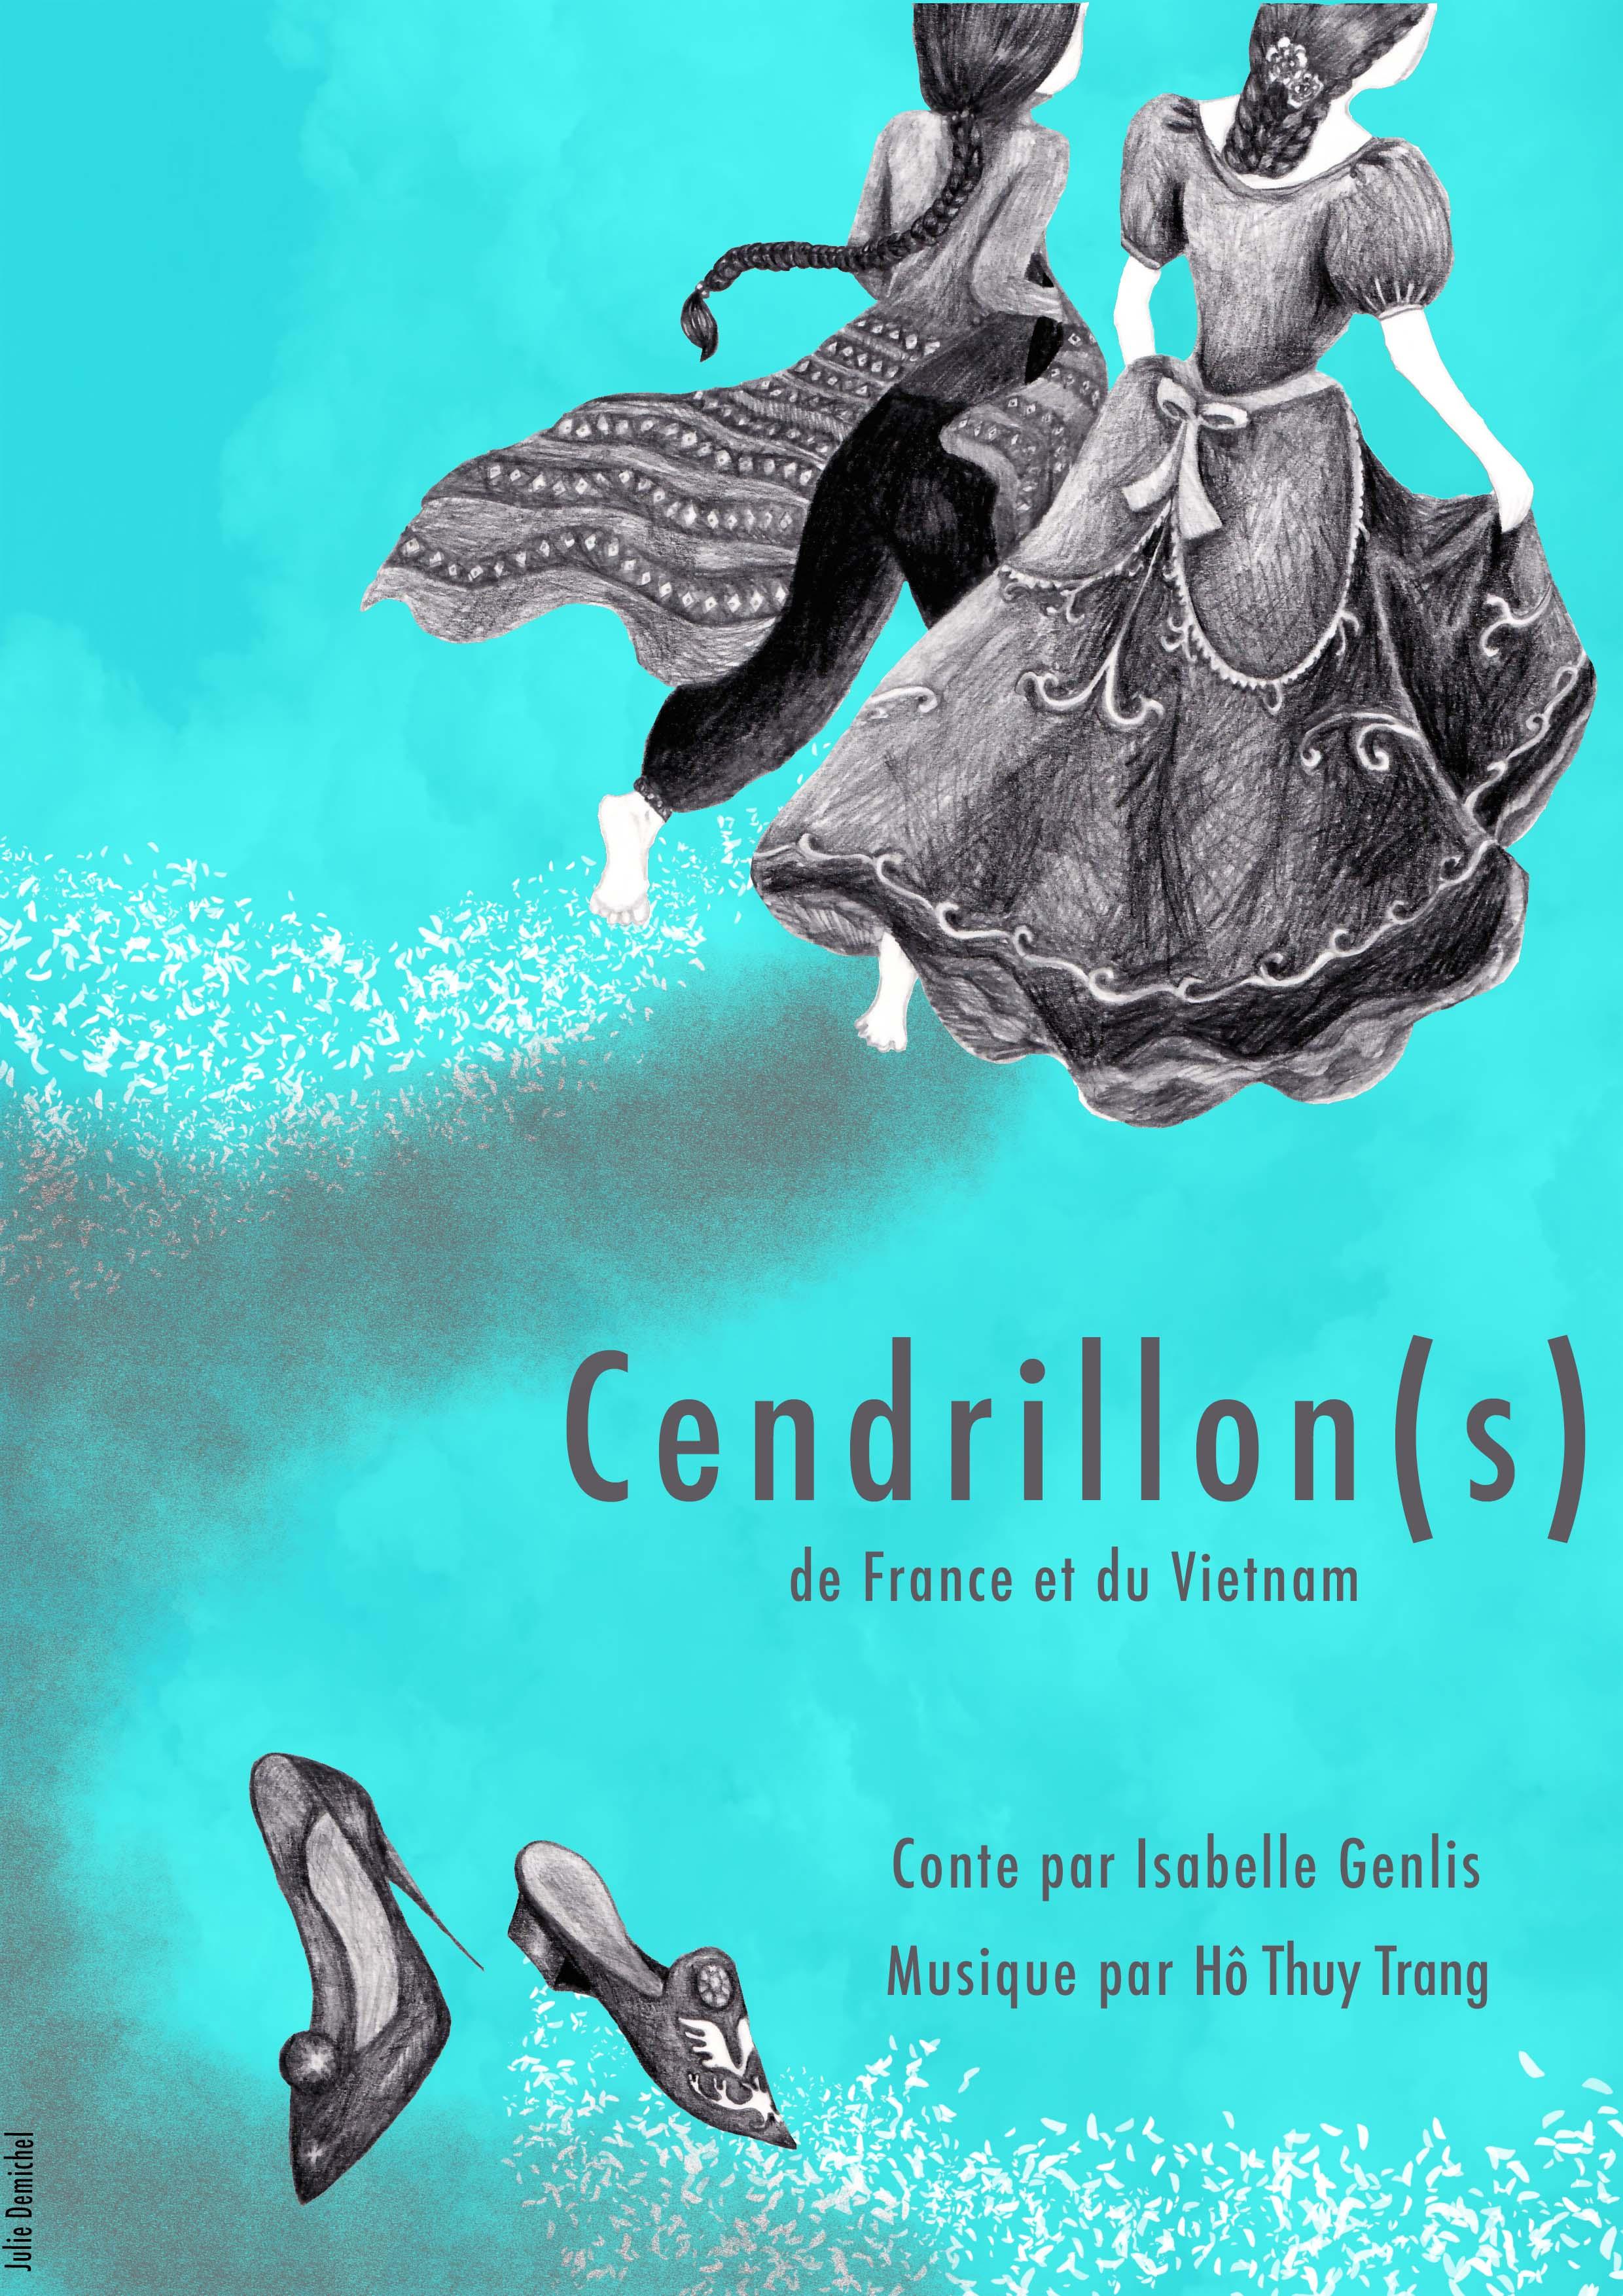 AFFICHE CENDRILLON 160115-4